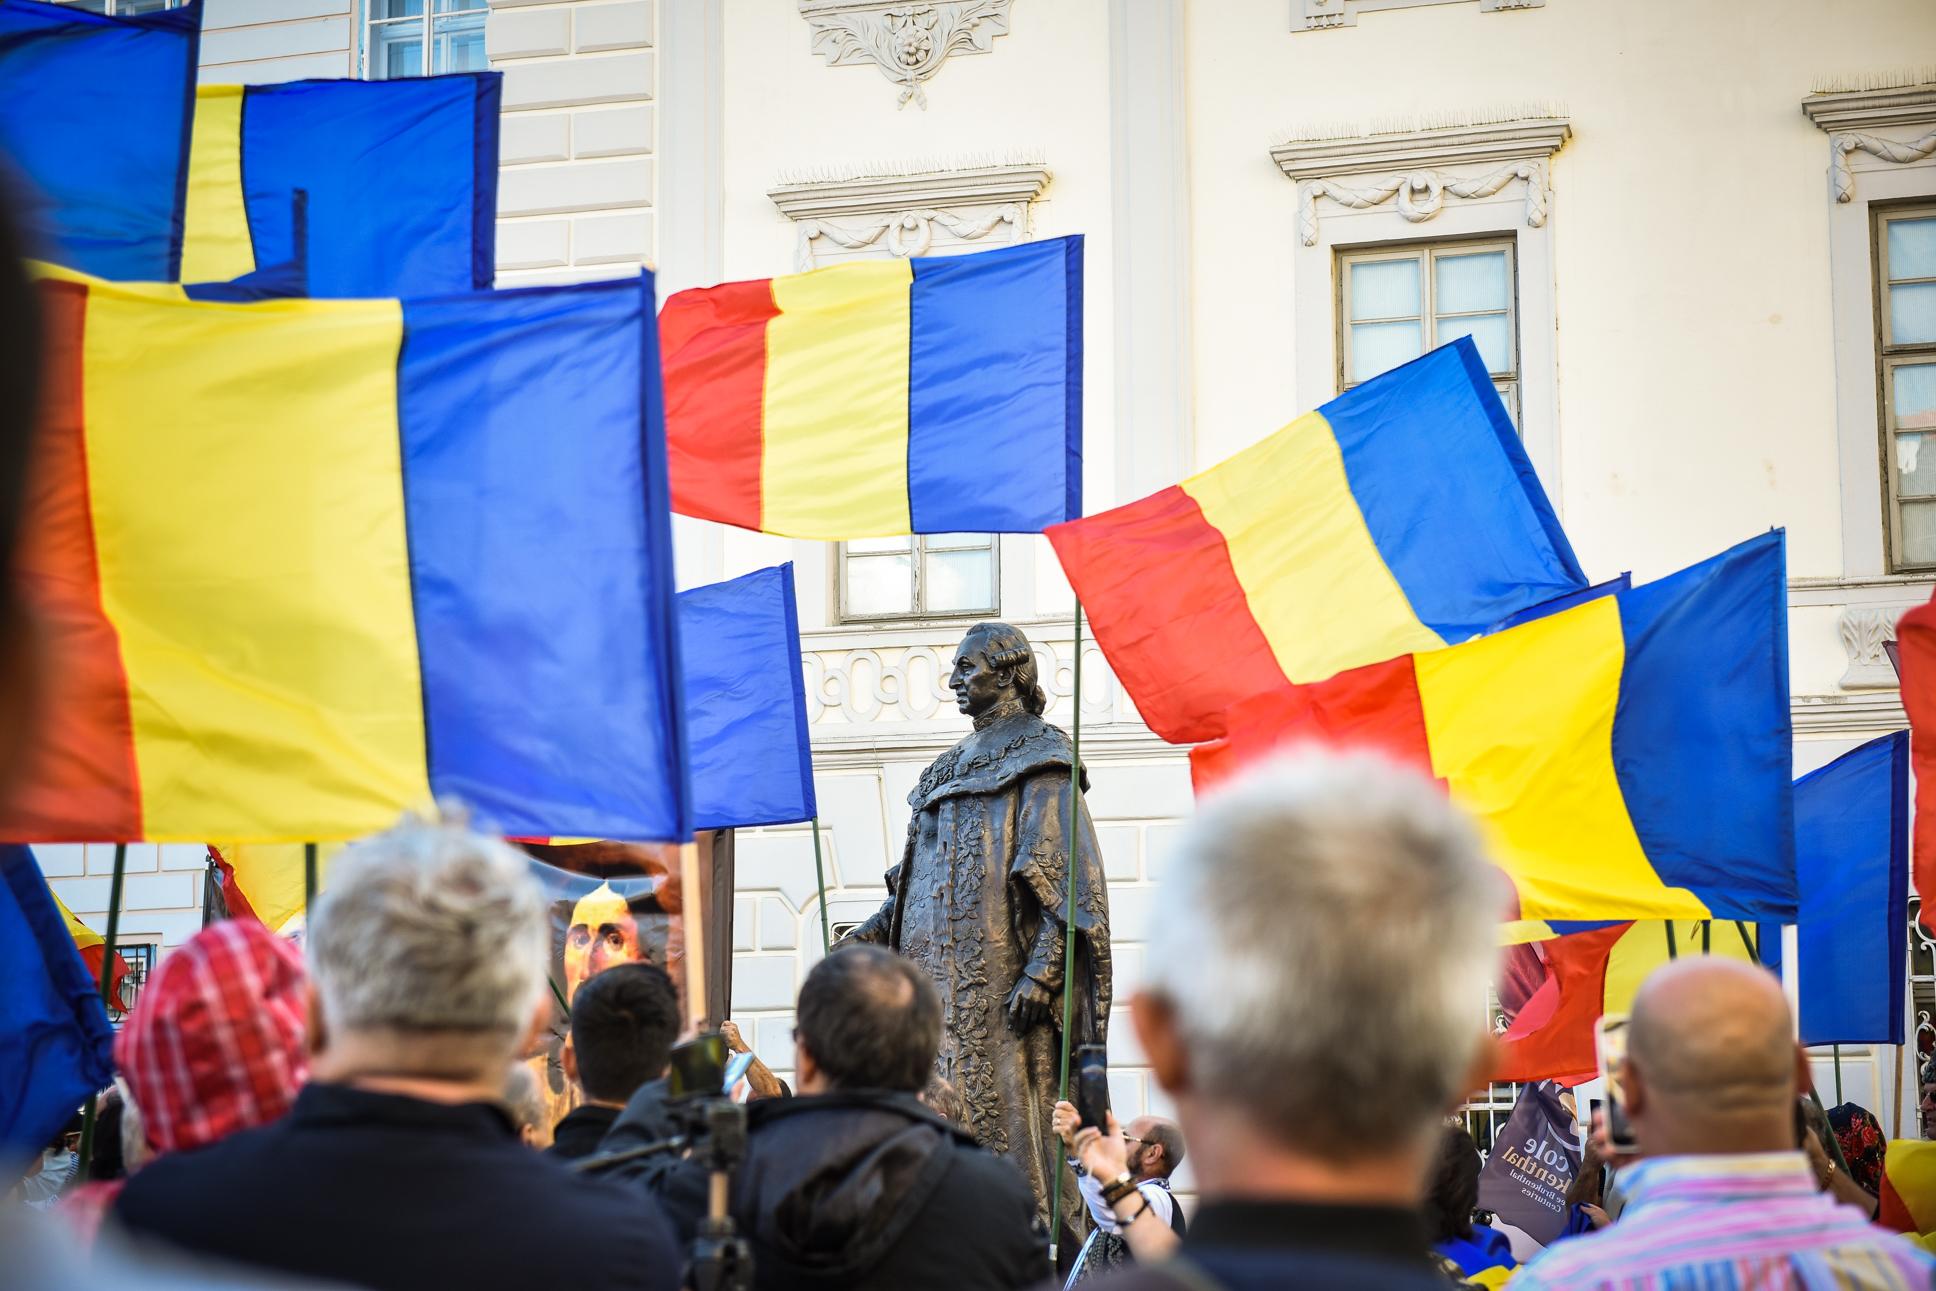 """VIDEO FOTO Protest la statuia lui Brukenthal cu Veta Biriș și Gheorghe Funar: """"Să renunțăm la statuile stăpânitorilor străini"""""""